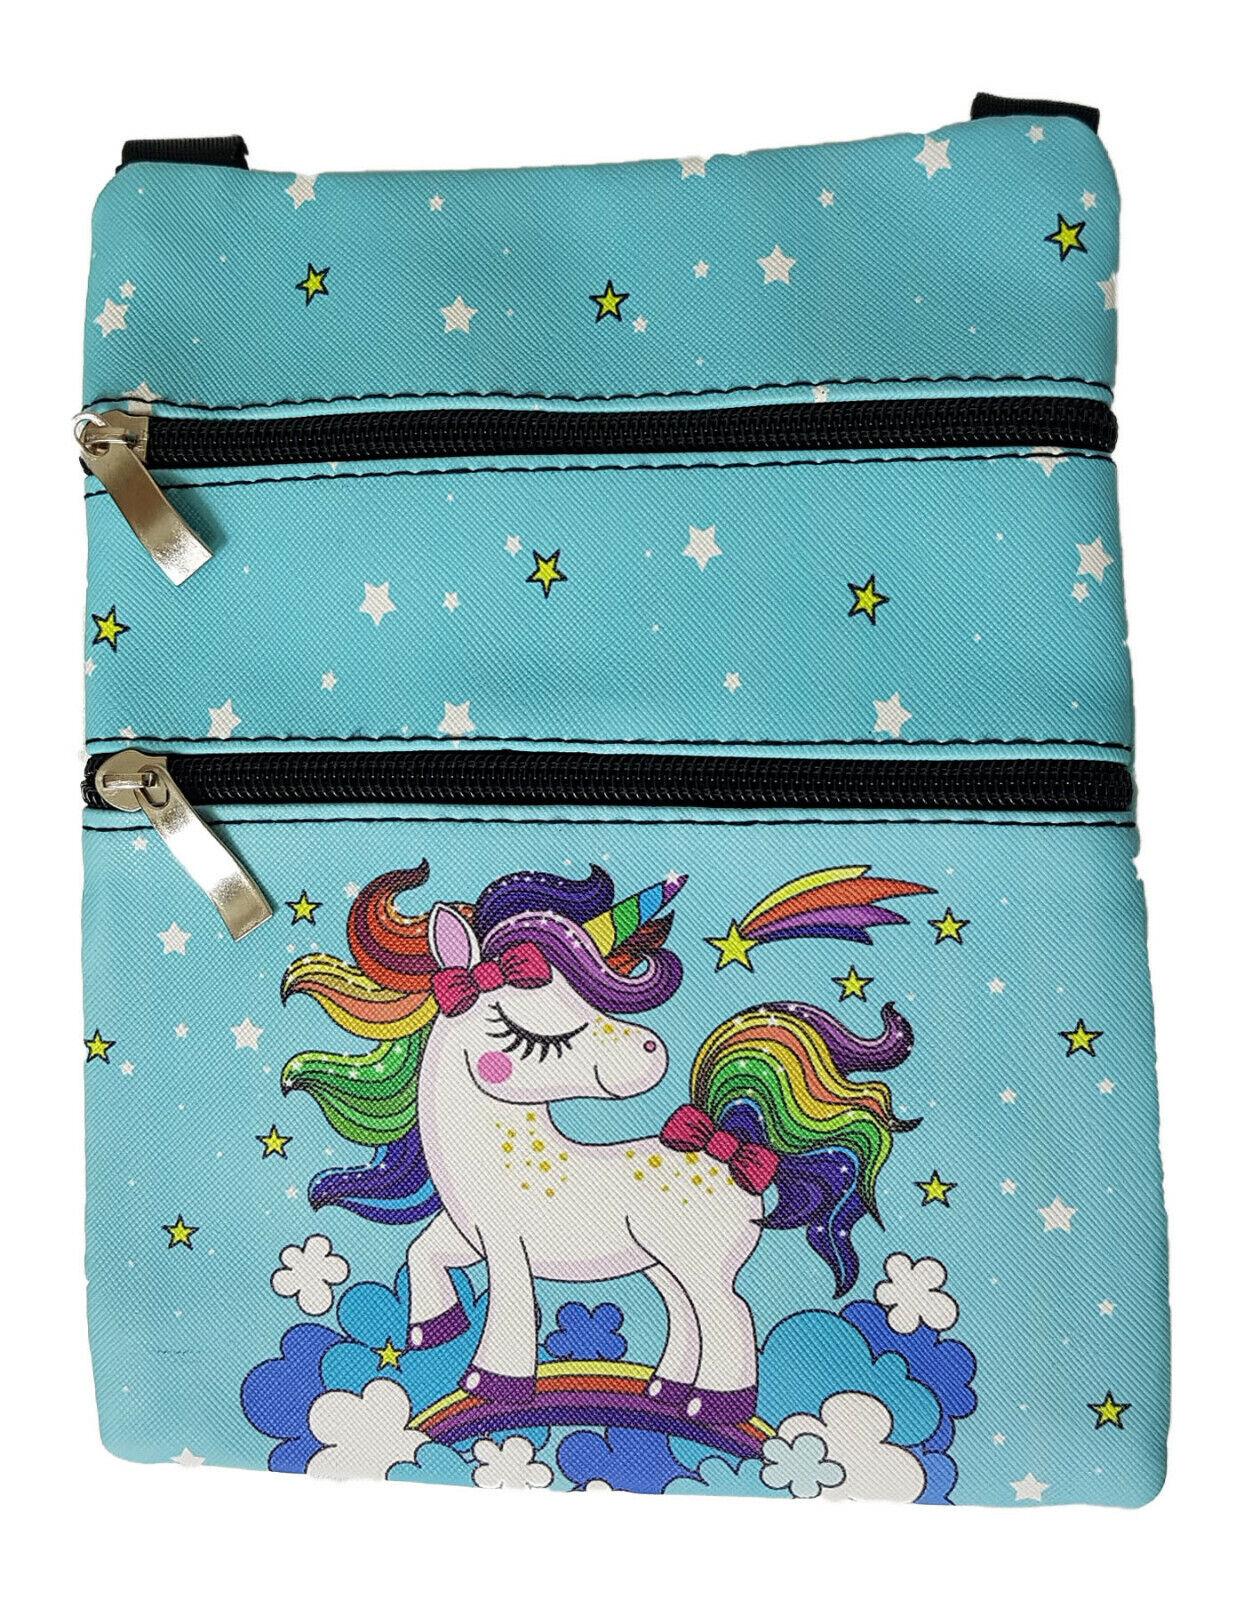 Kinder Handtasche Einhorn Türkisblau - Kindertasche Einhorntasche